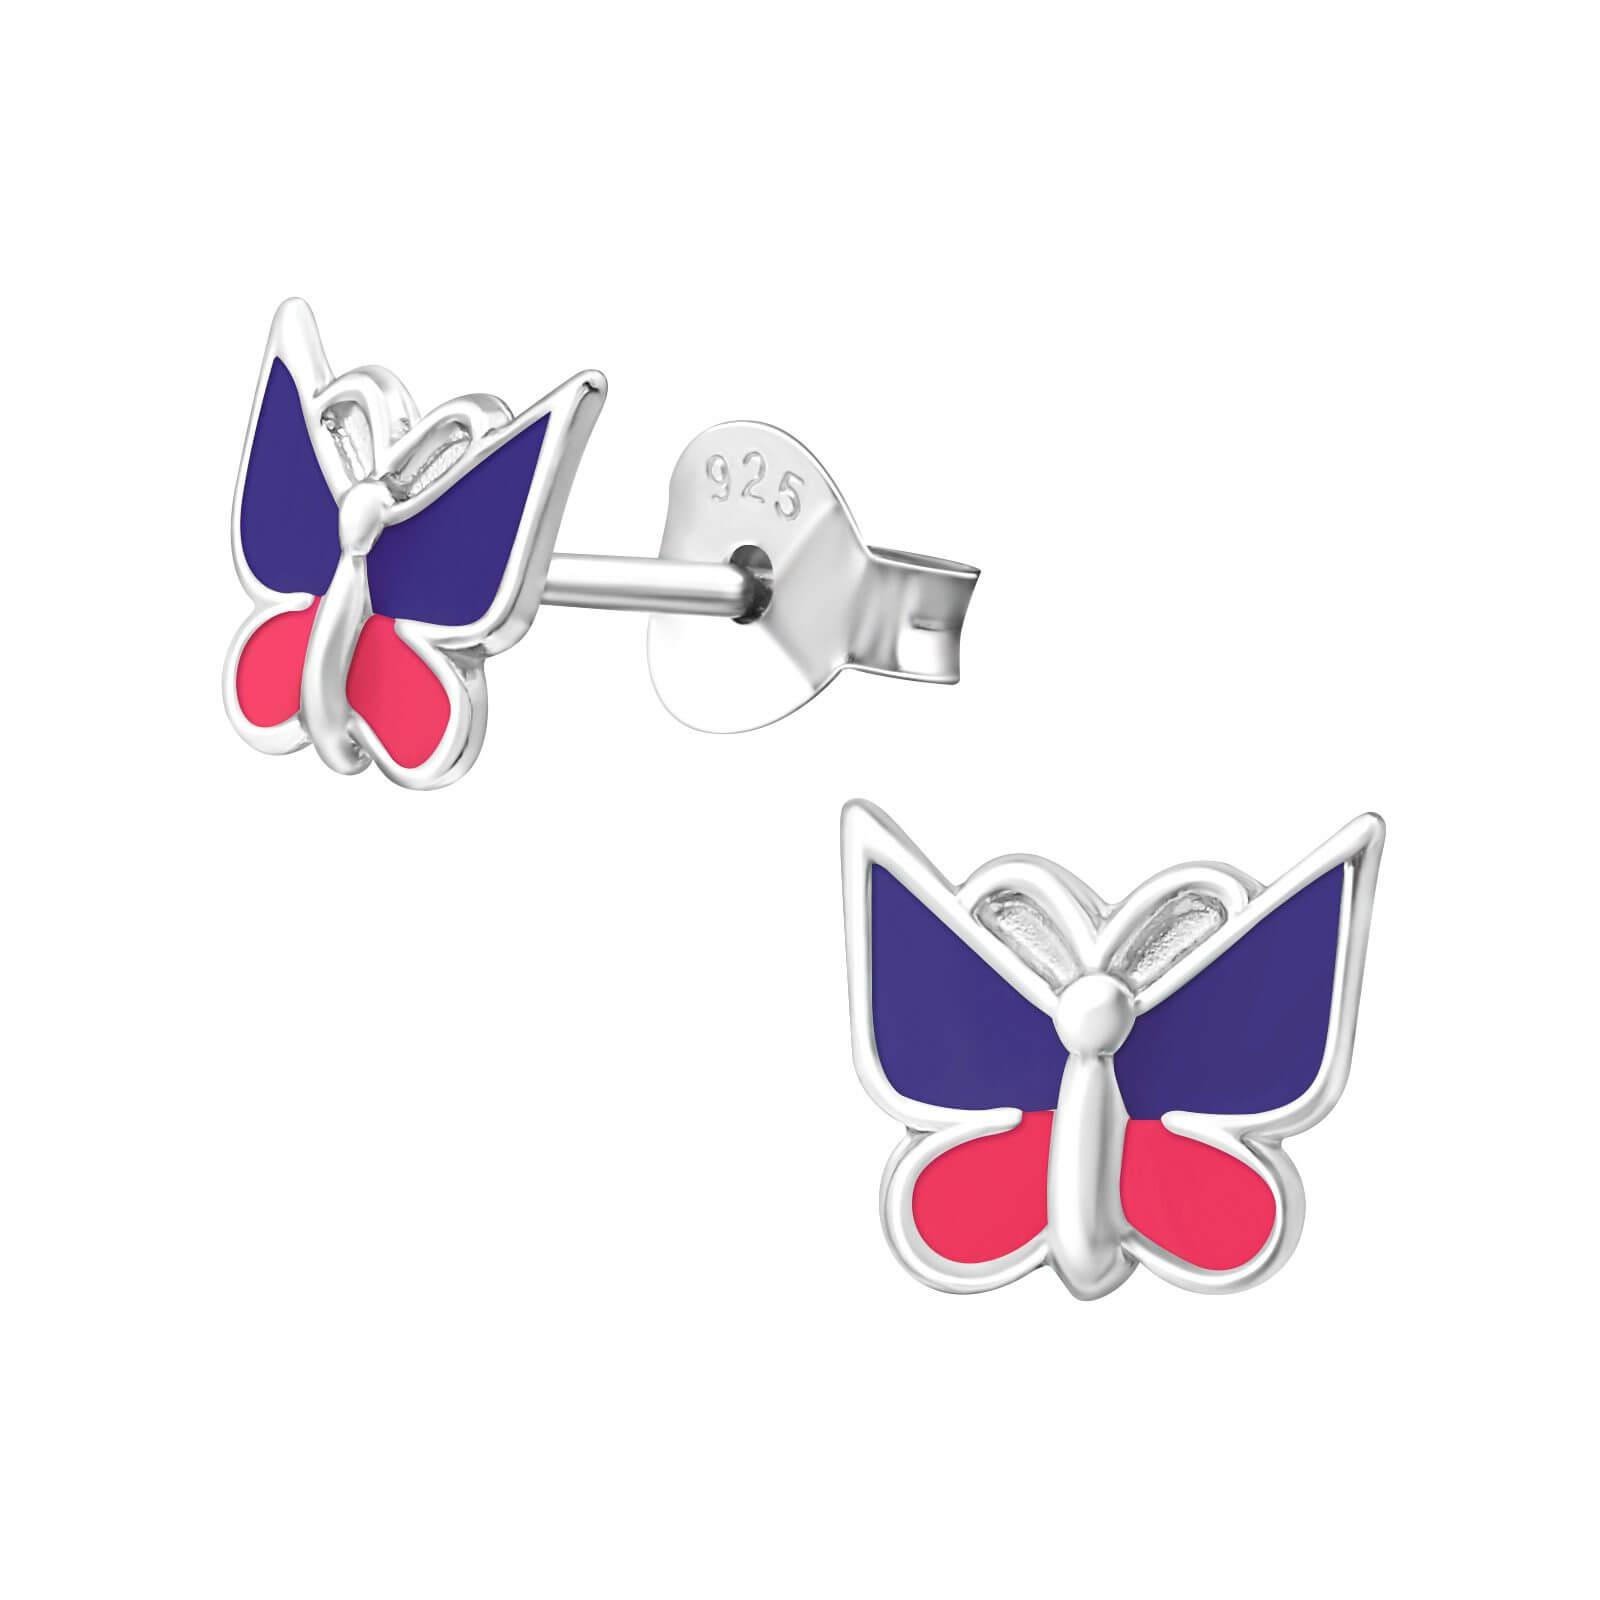 Boucle d'oreille enfant argent papillon violet et rose